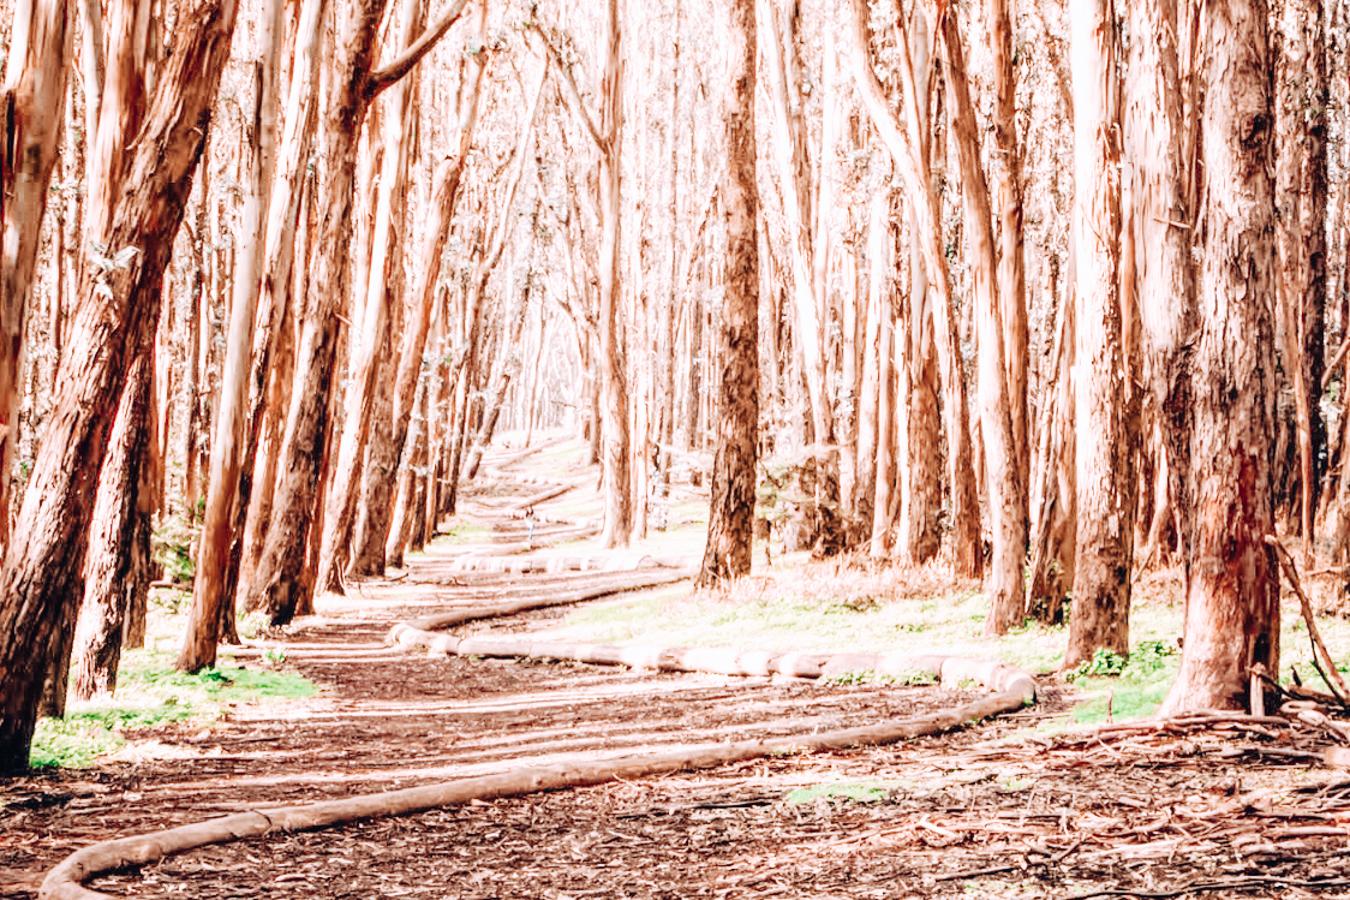 Lover's Lane Trail in San Francisco